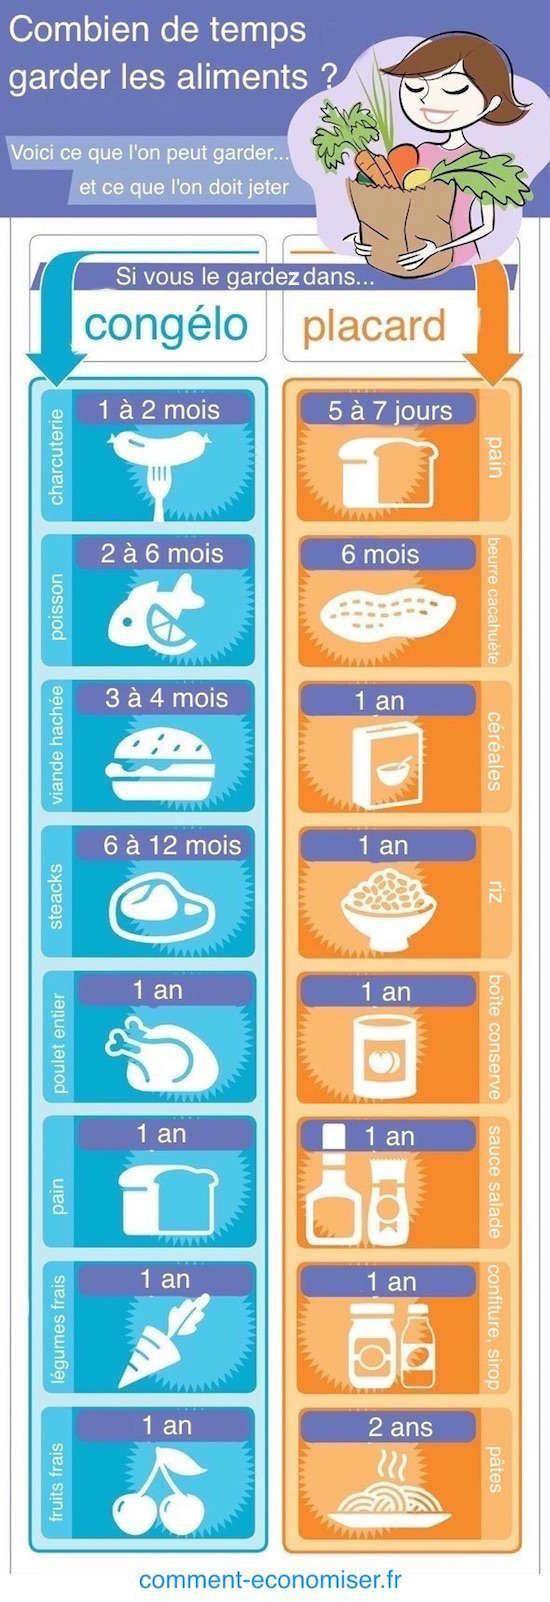 Pour vous aider à faire le bon choix, voici le guide illustré des temps de conservation des aliments.  Découvrez l'astuce ici : http://www.comment-economiser.fr/combien-temps-garder-aliments-congelo.html?utm_content=buffera8a75&utm_medium=social&utm_source=pinterest.com&utm_campaign=buffer